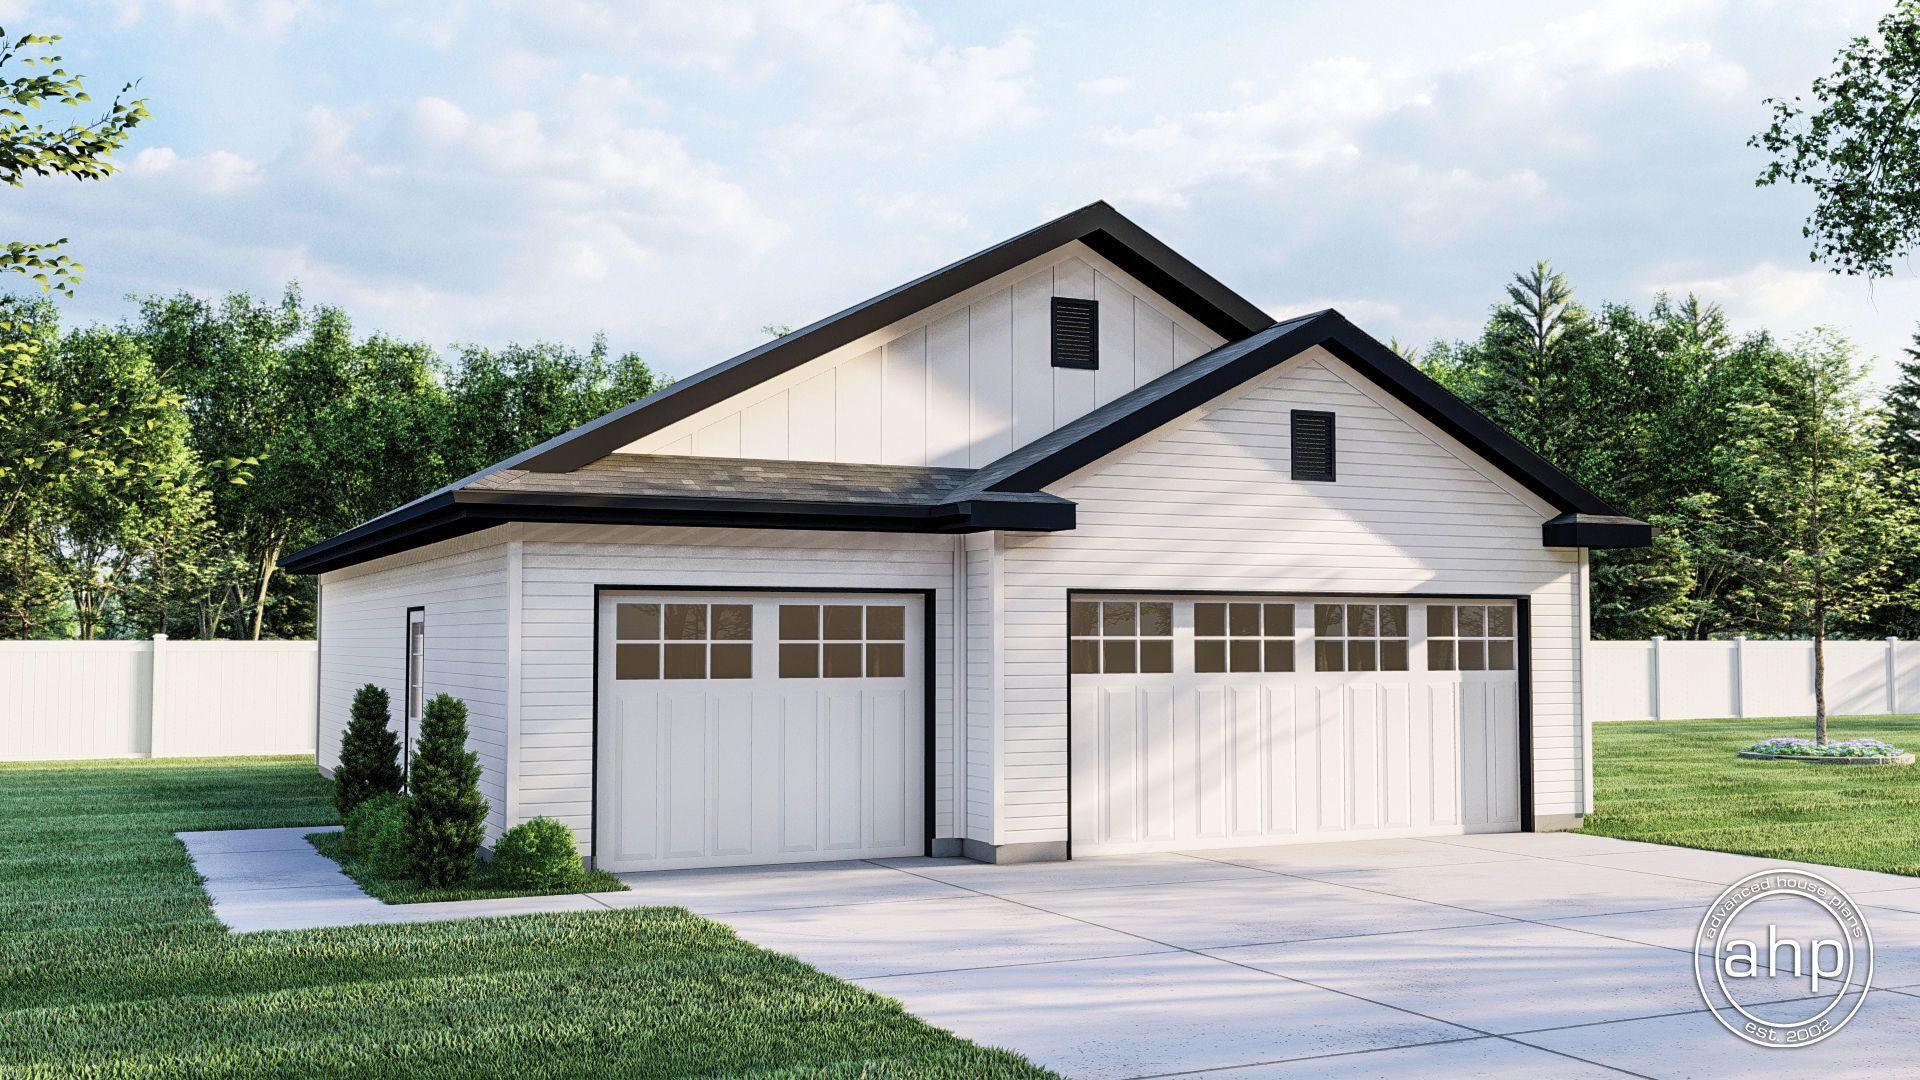 3 Car Garage Plan